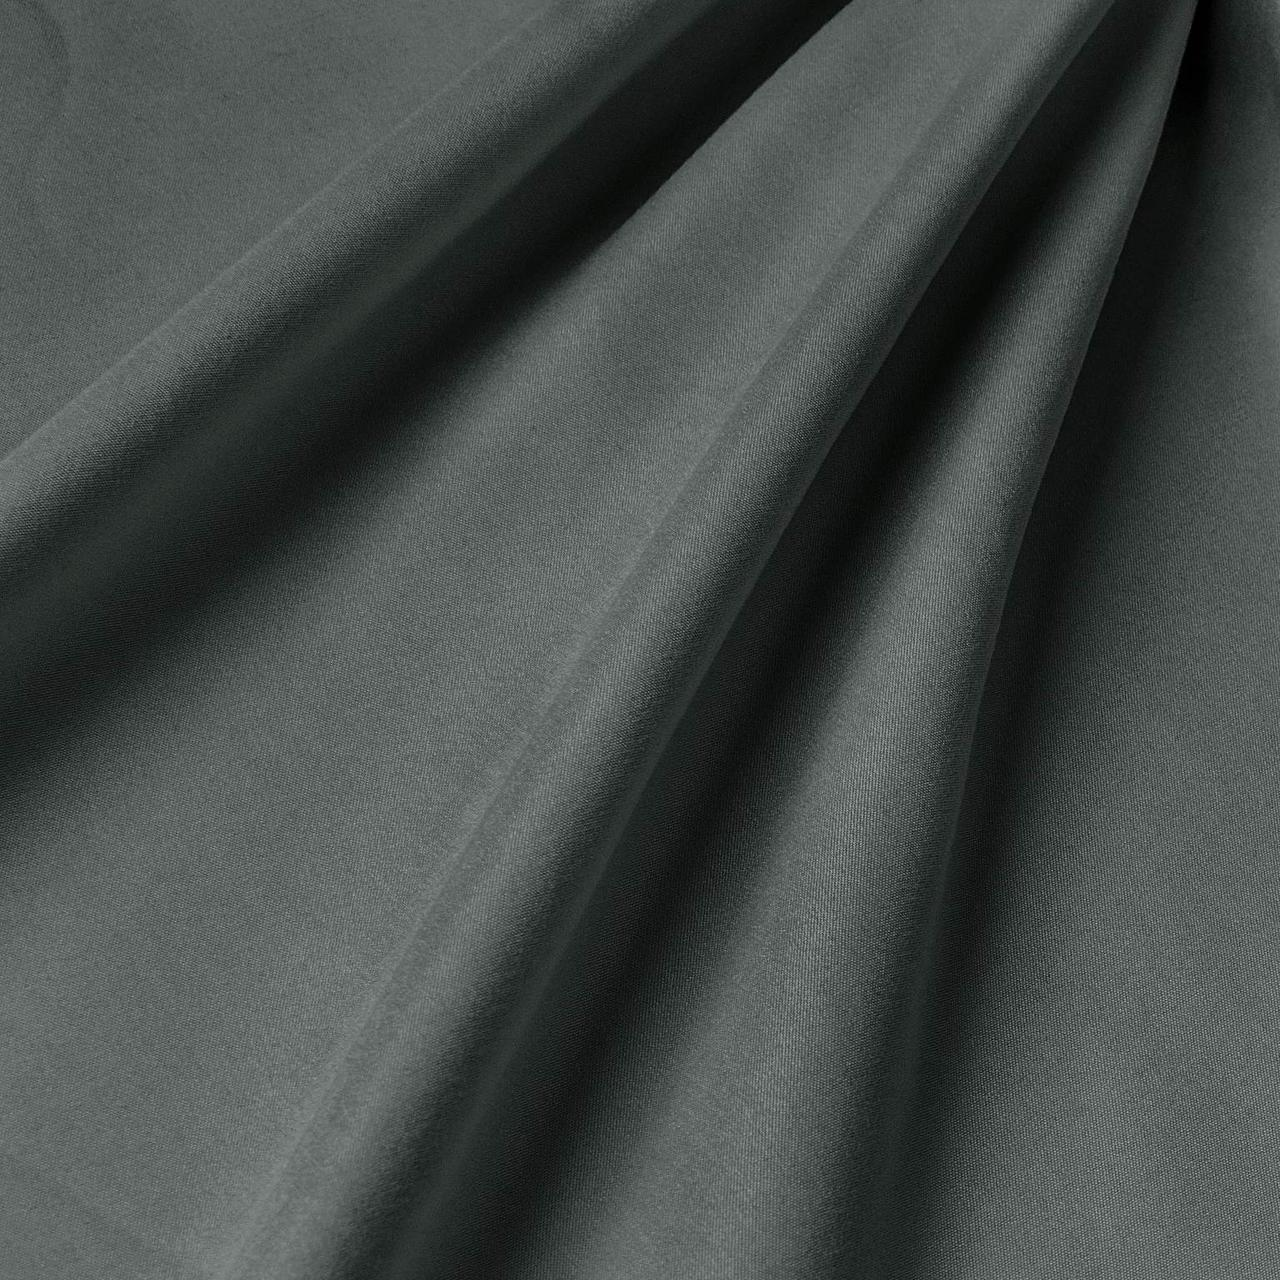 Подкладочная ткань с матовой фактурой (Испания) 400317v32